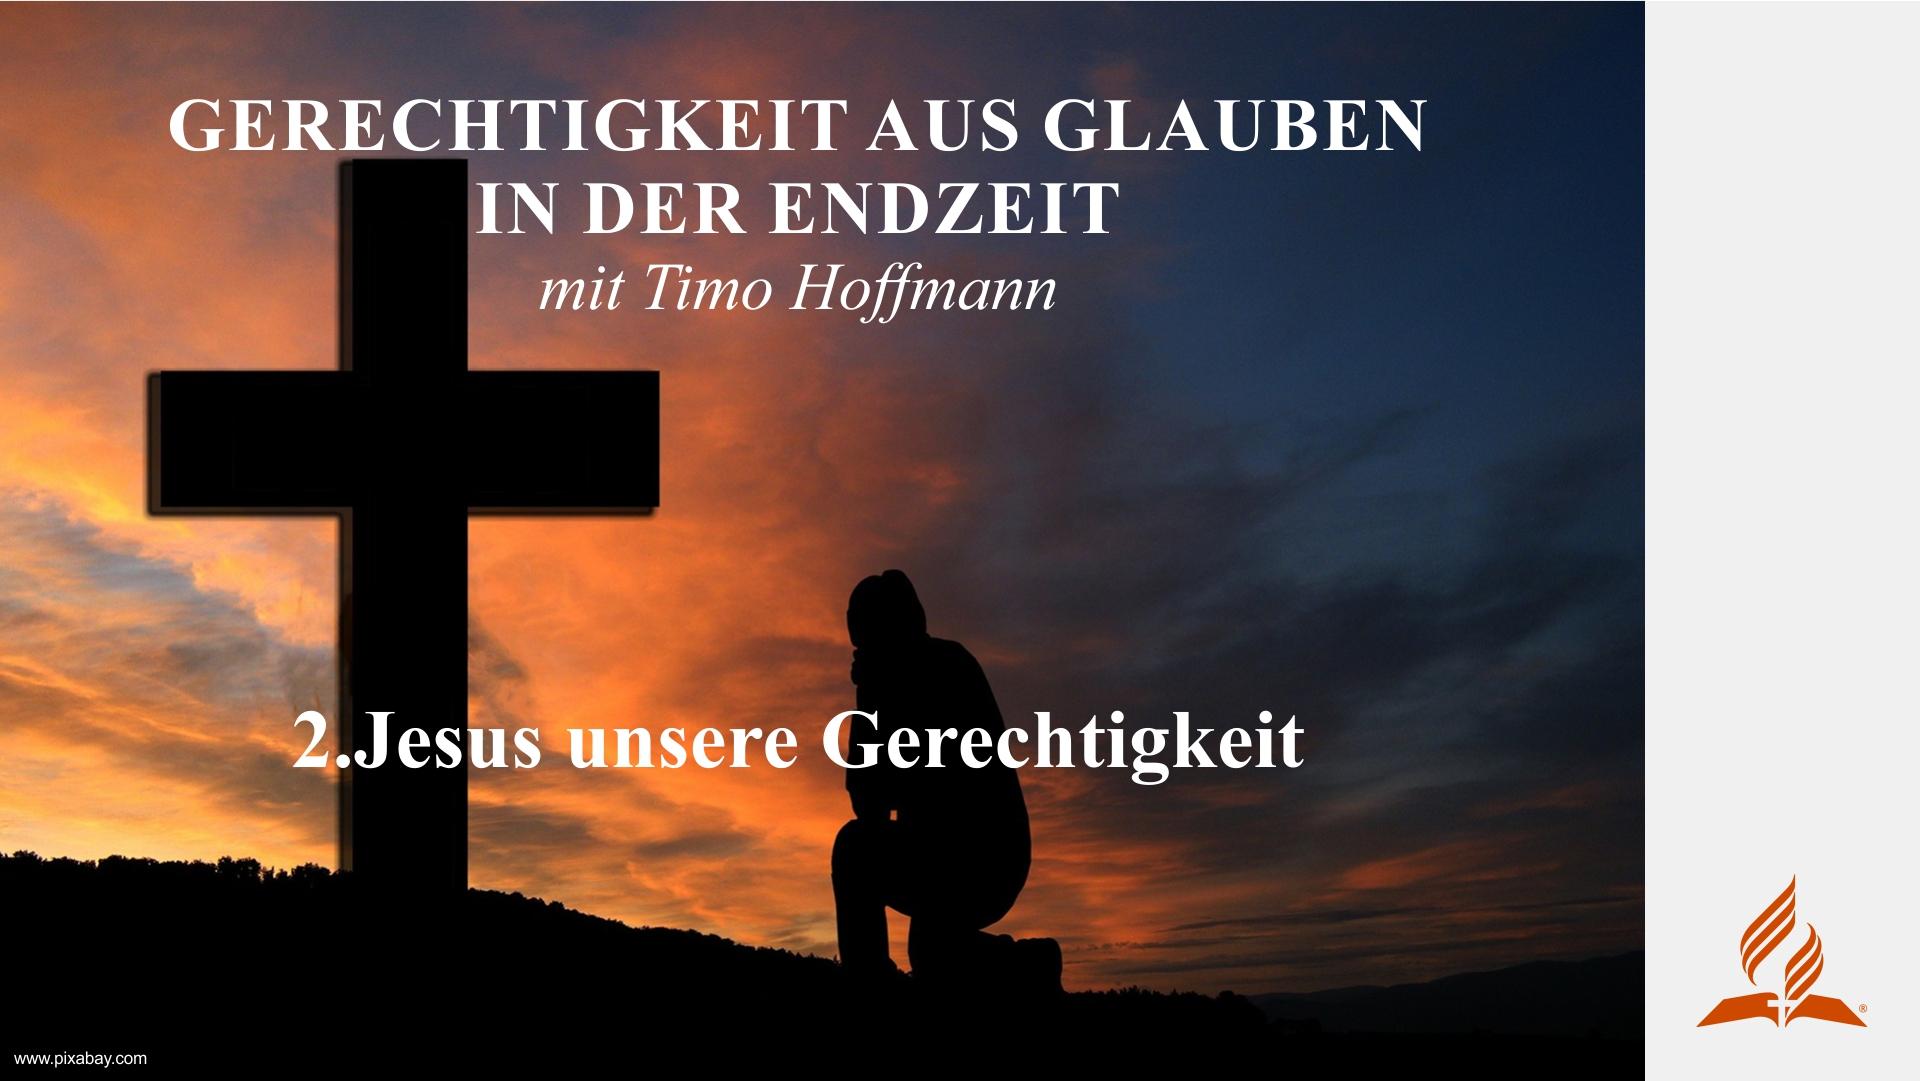 2.Jesus unsere Gerechtigkeit – GERECHTIGKEIT AUS GLAUBEN IN DER ENDZEIT | Timo Hoffmann